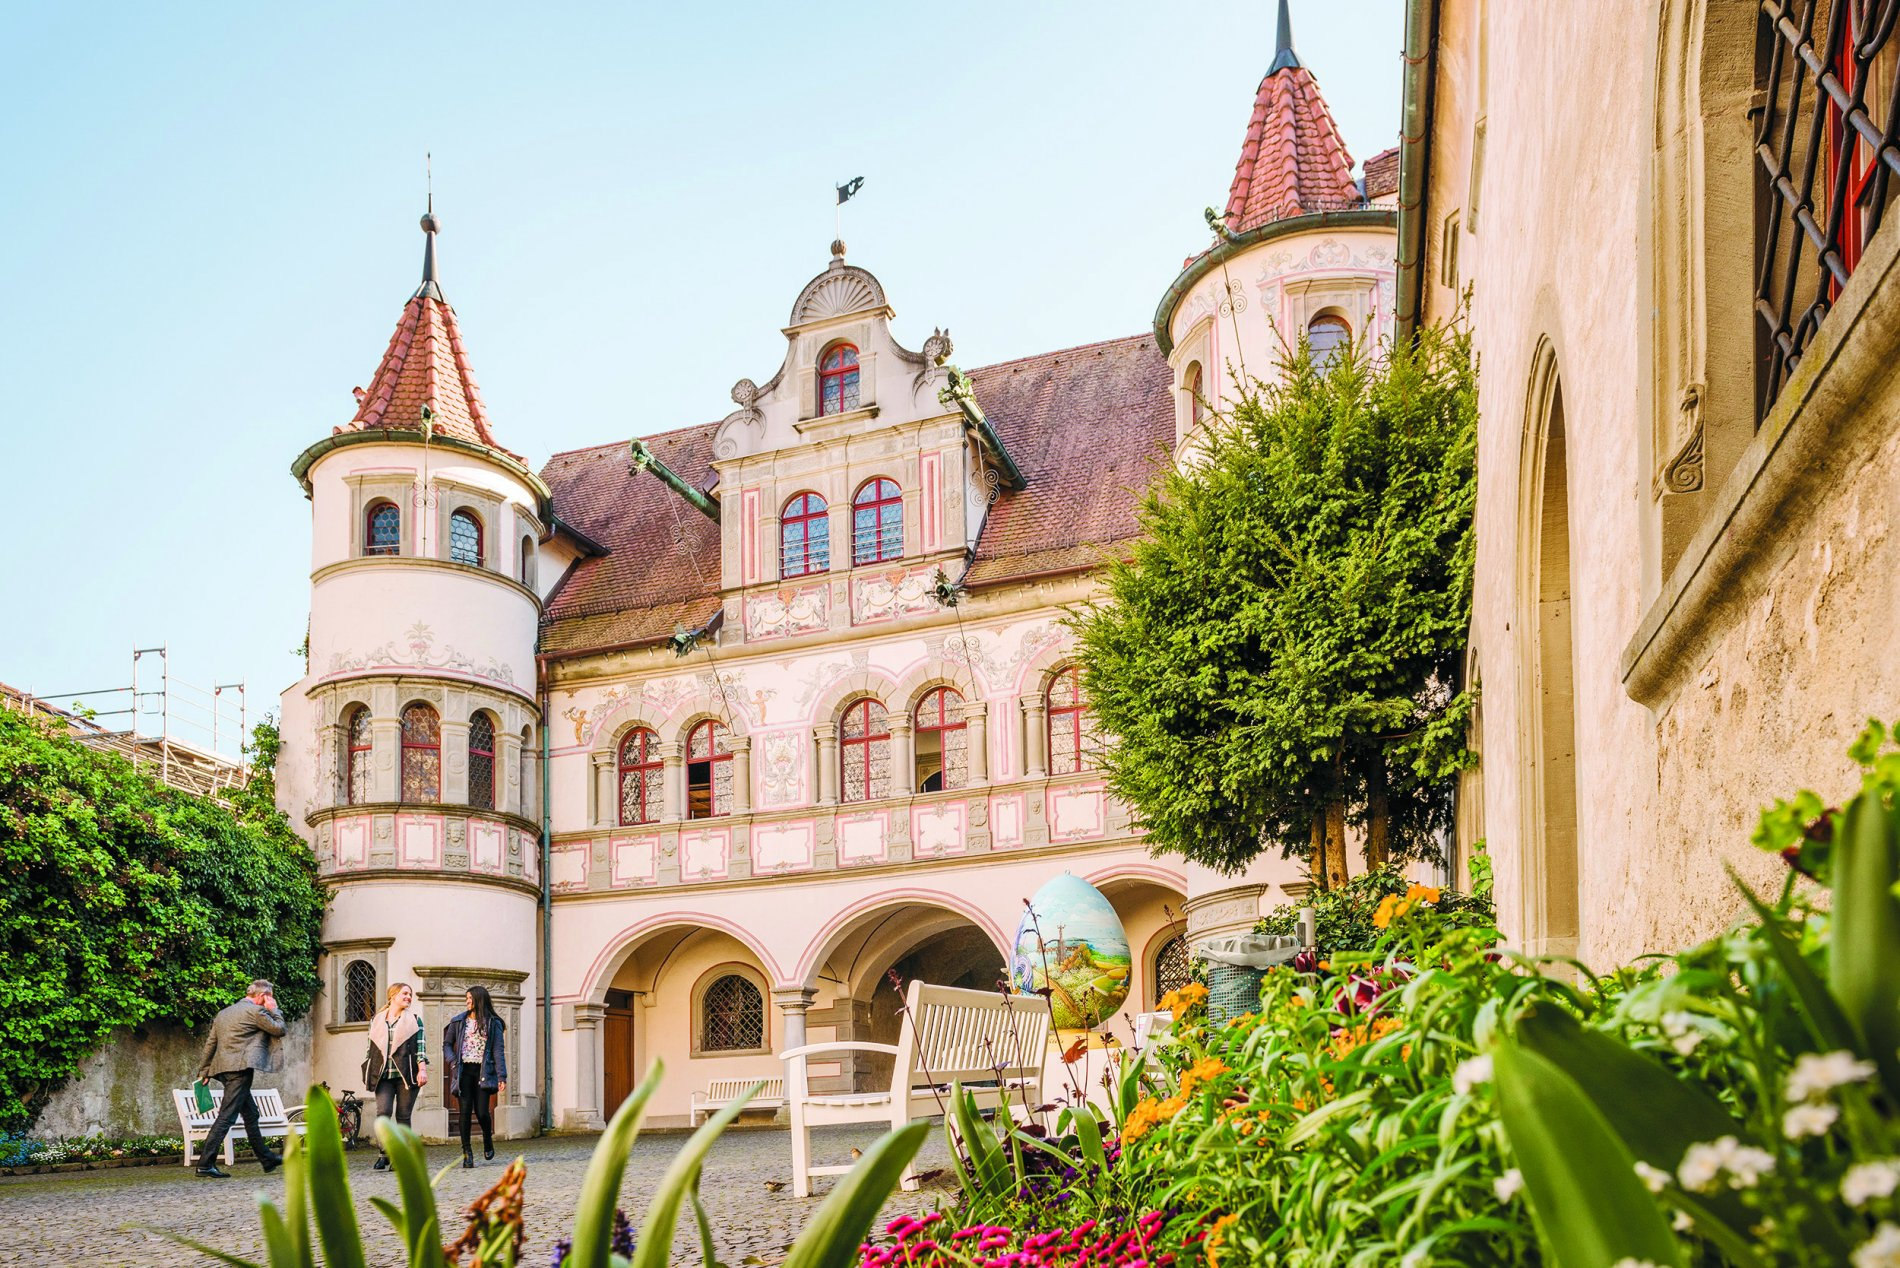 Farbenfrohe Außenfassade des Konstanzer Rathauses